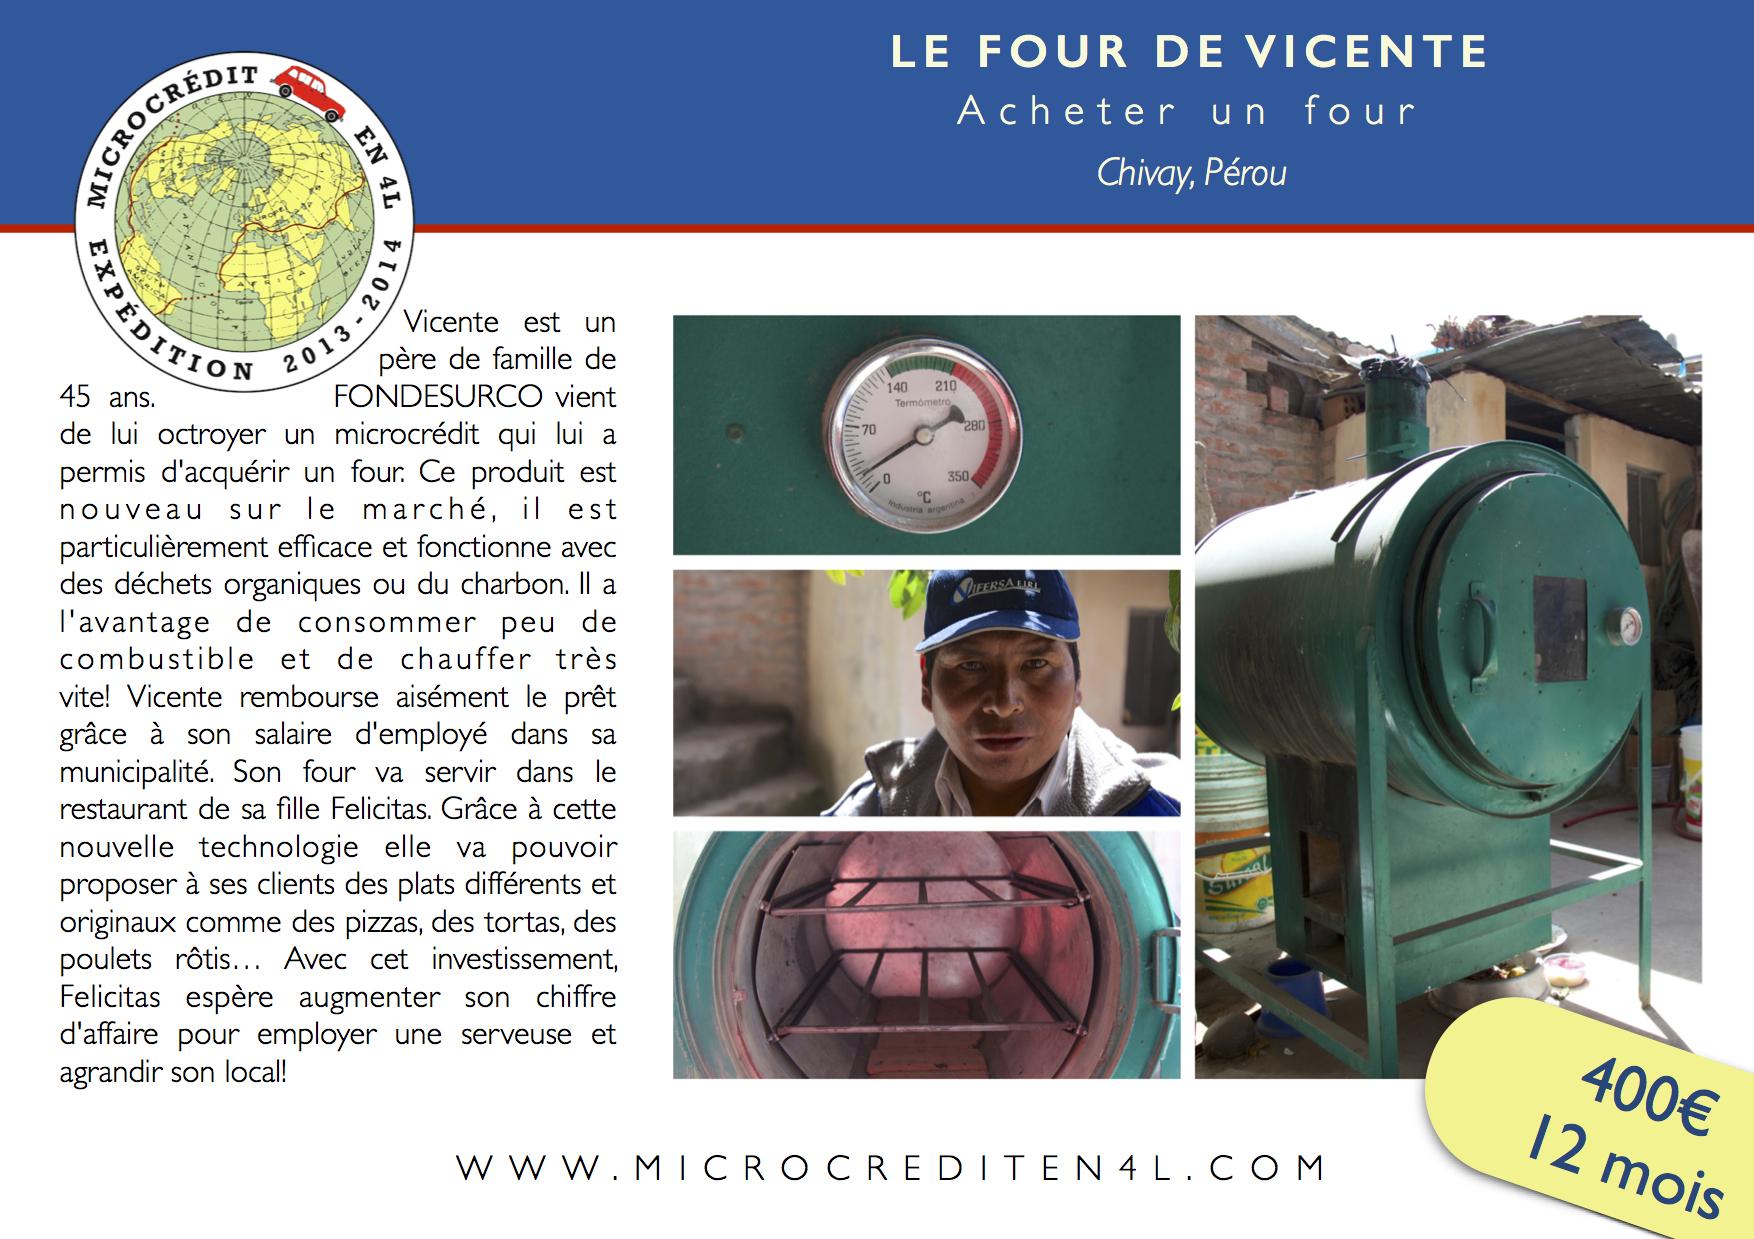 Le Four de Vicente